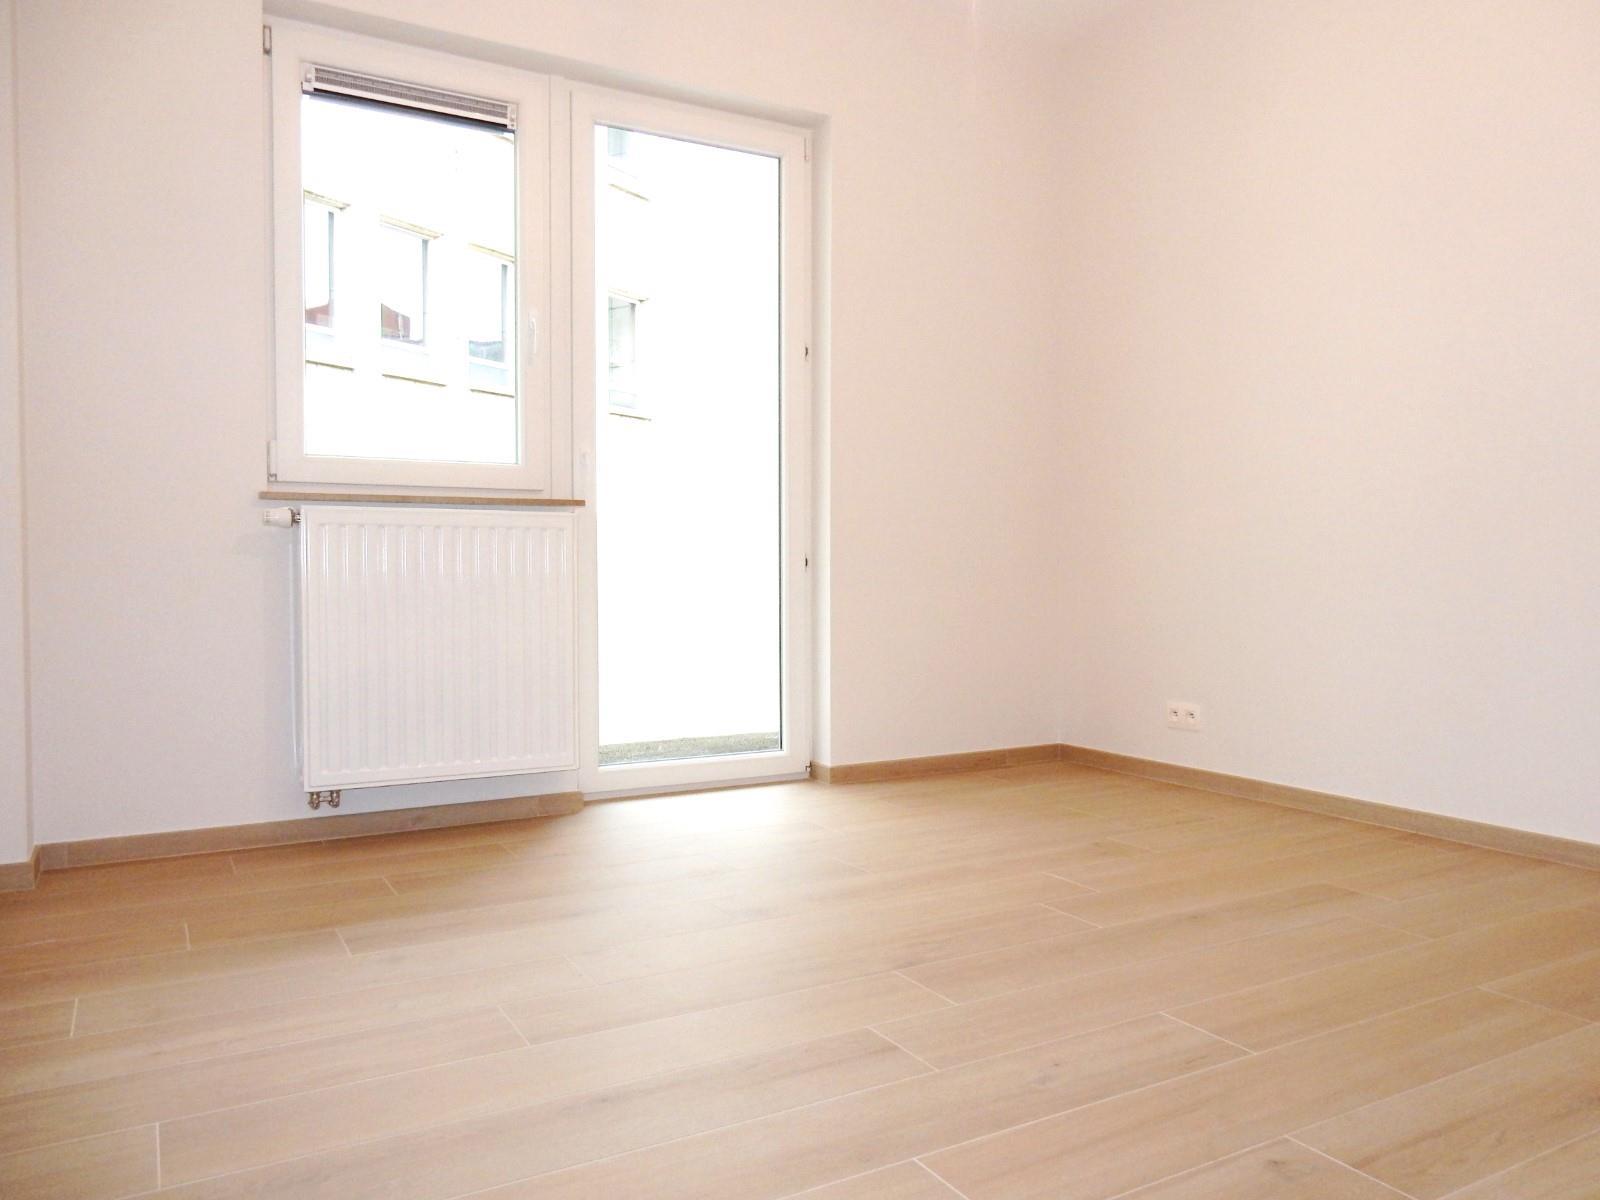 Appartement - Schaarbeek - #3798187-8